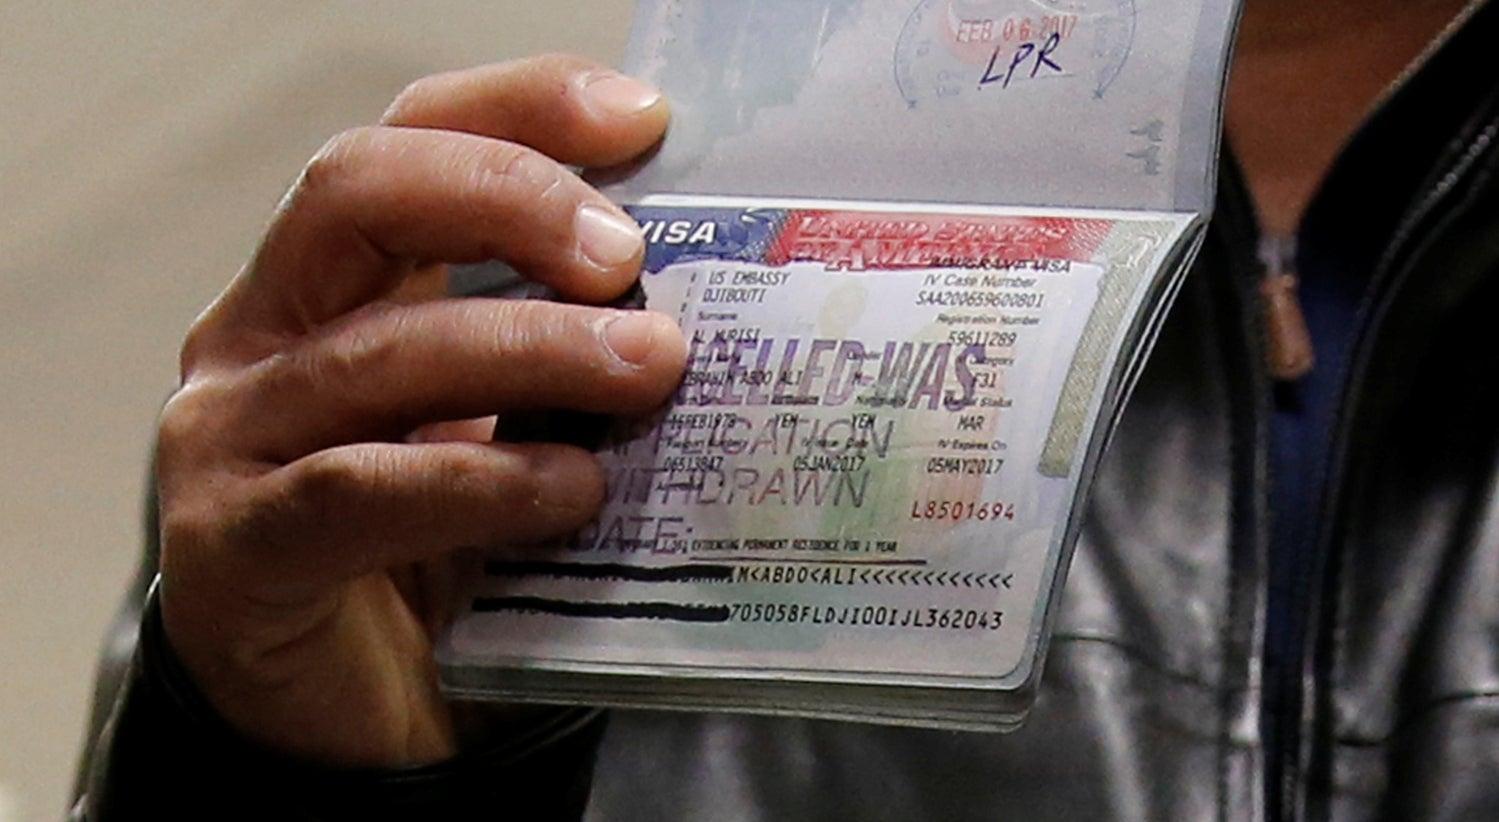 Resultado de imagem para Administração Trump estabelece novos critérios de entrada nos Estados Unidos